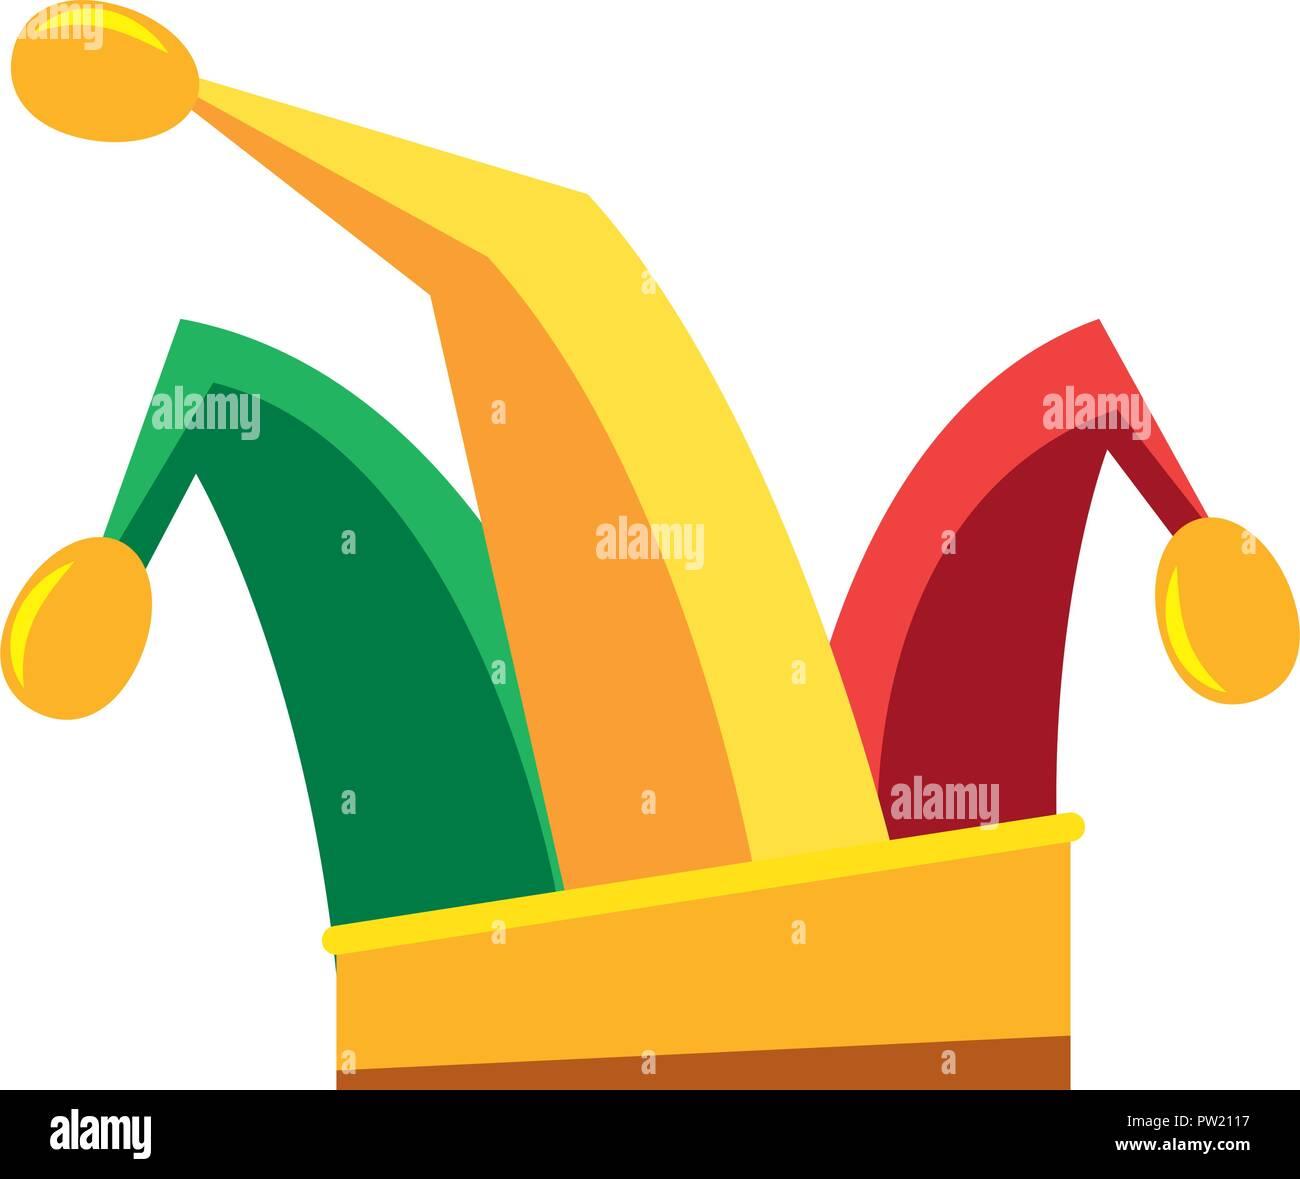 Circus jester hat festa di carnevale illustrazione vettoriale contorno  Immagini Stock 210985e768b1